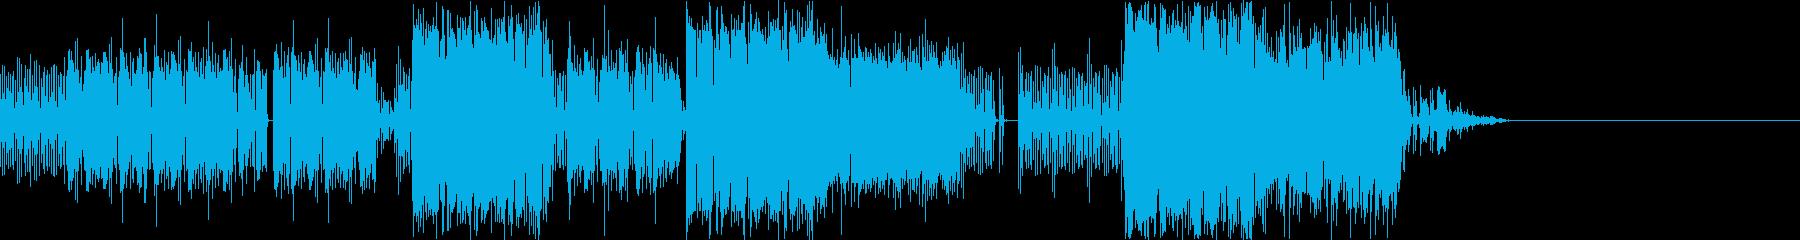 ロック&ファンク。サックスソロ2:39の再生済みの波形